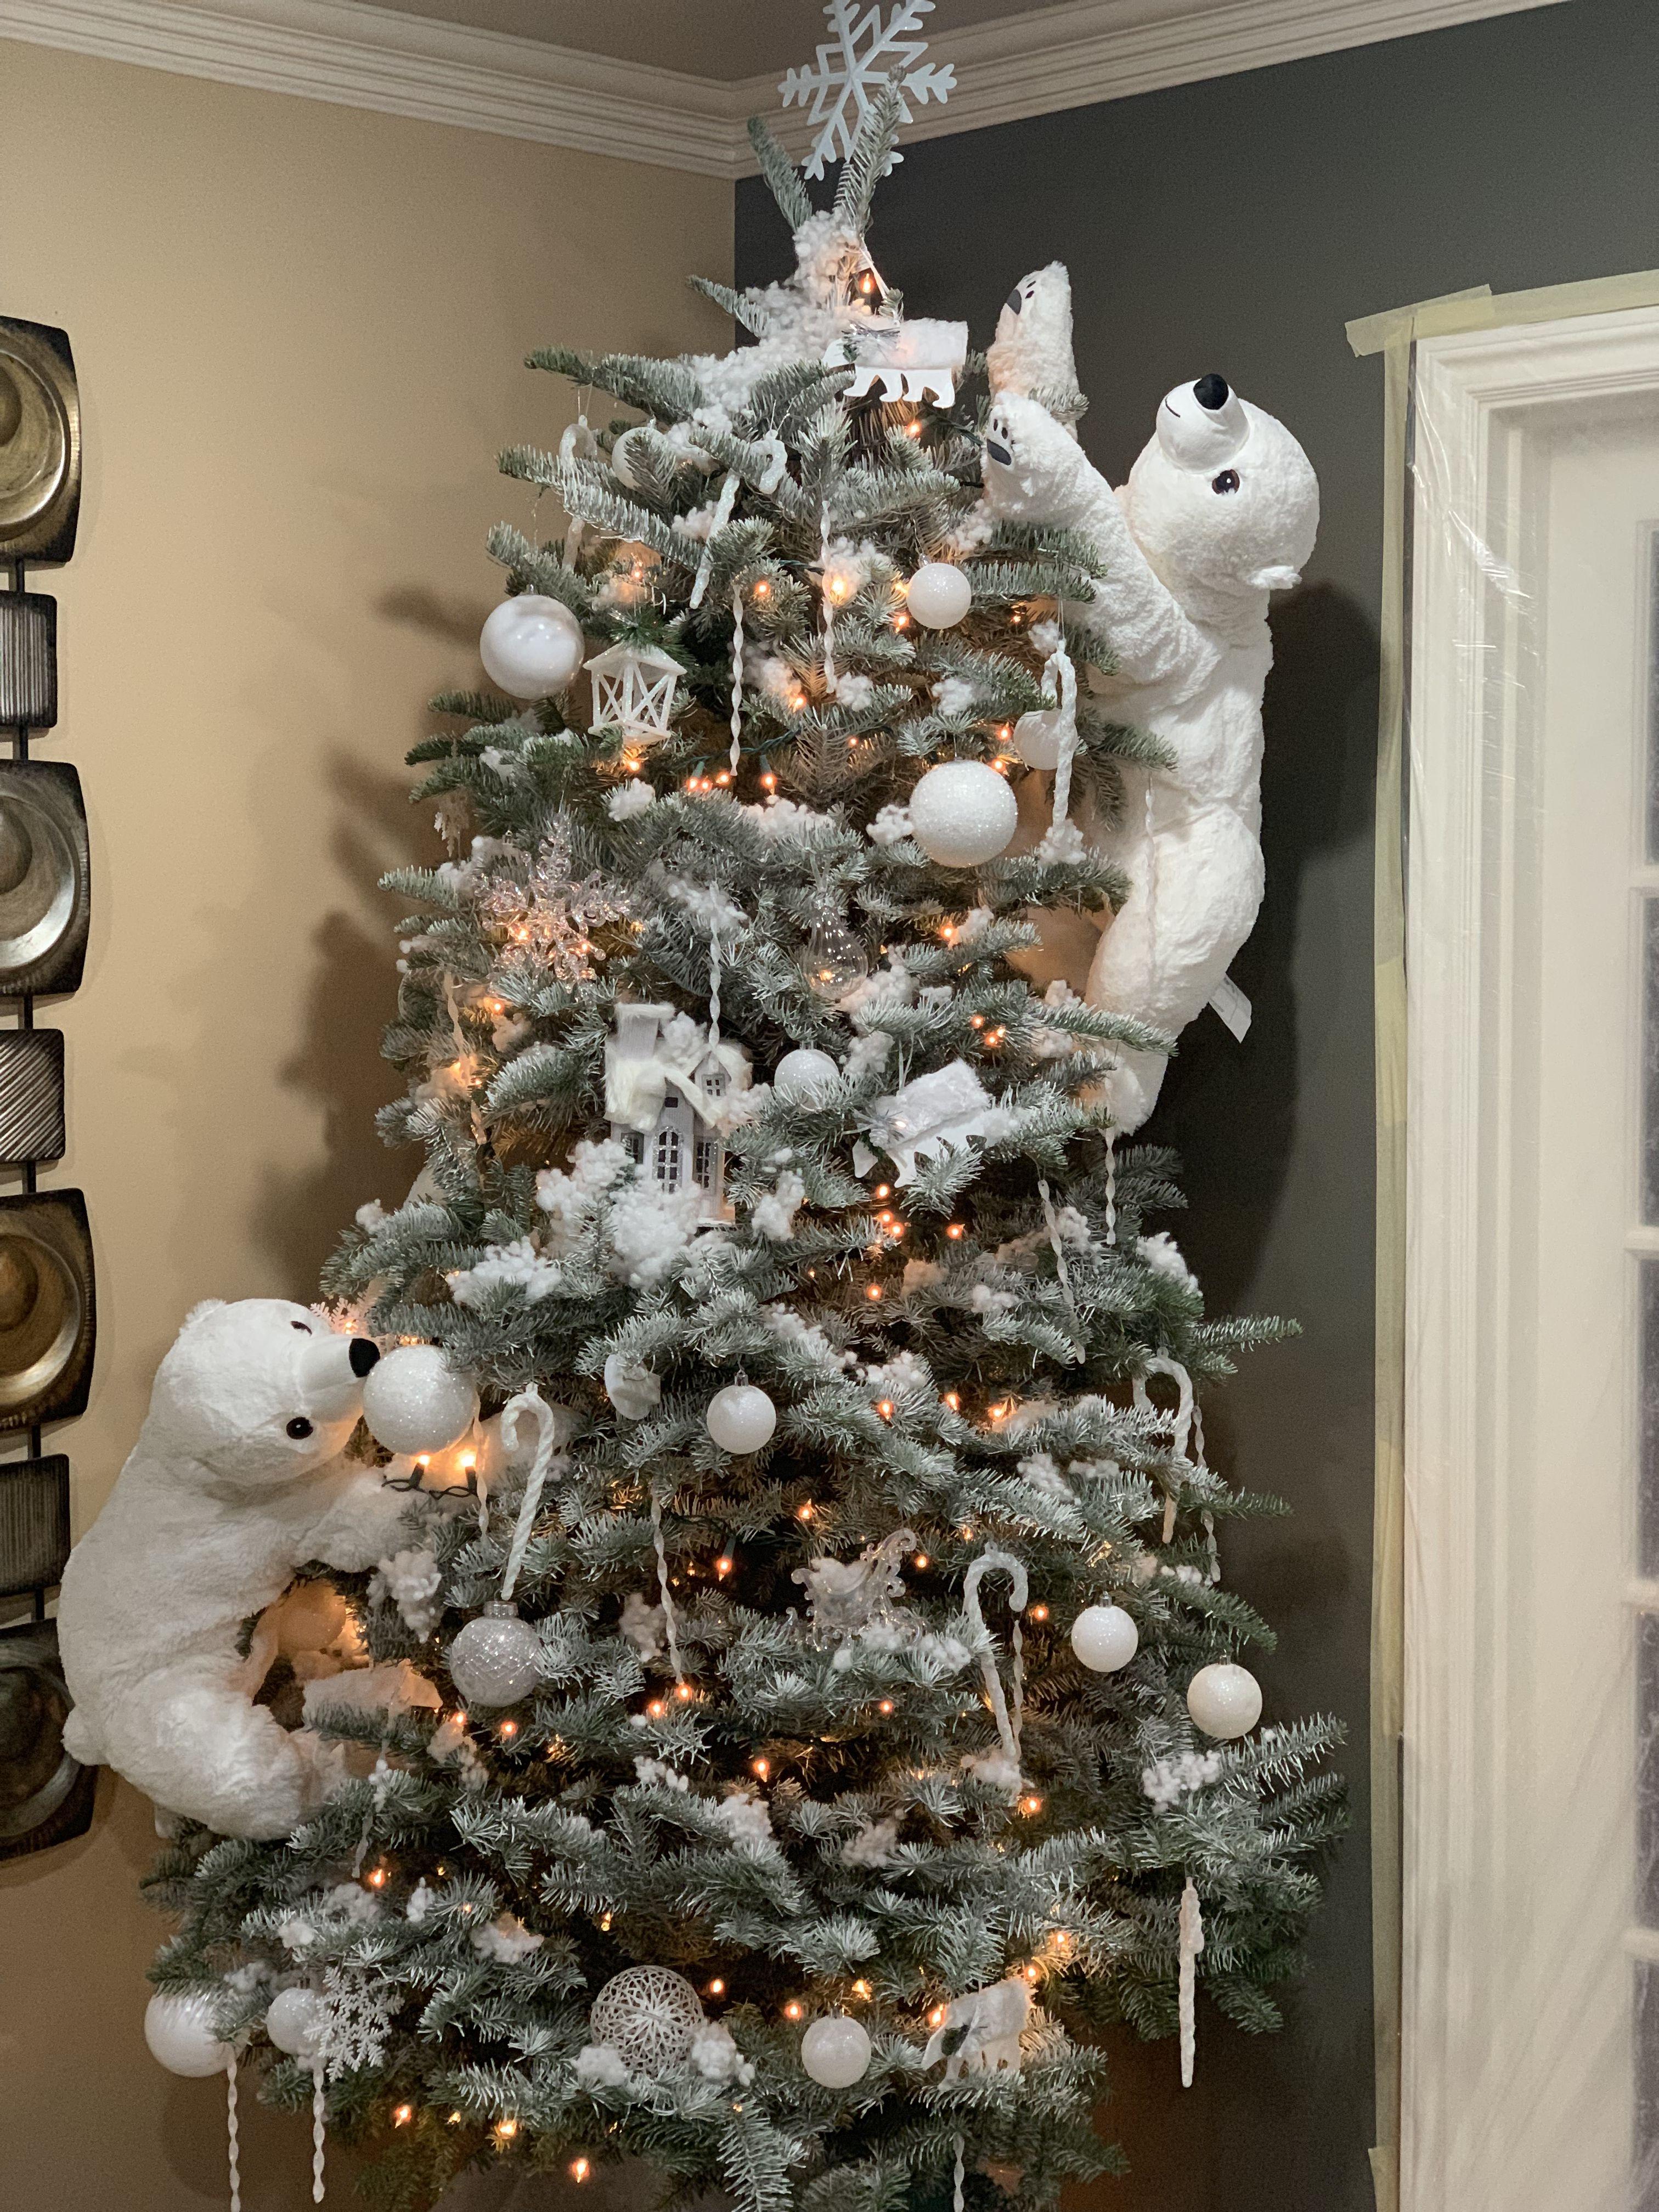 Polar Bear Christmas Tree Cool Christmas Trees Woodland Christmas Decor Christmas Tree Decor Ideas 2020 Pink